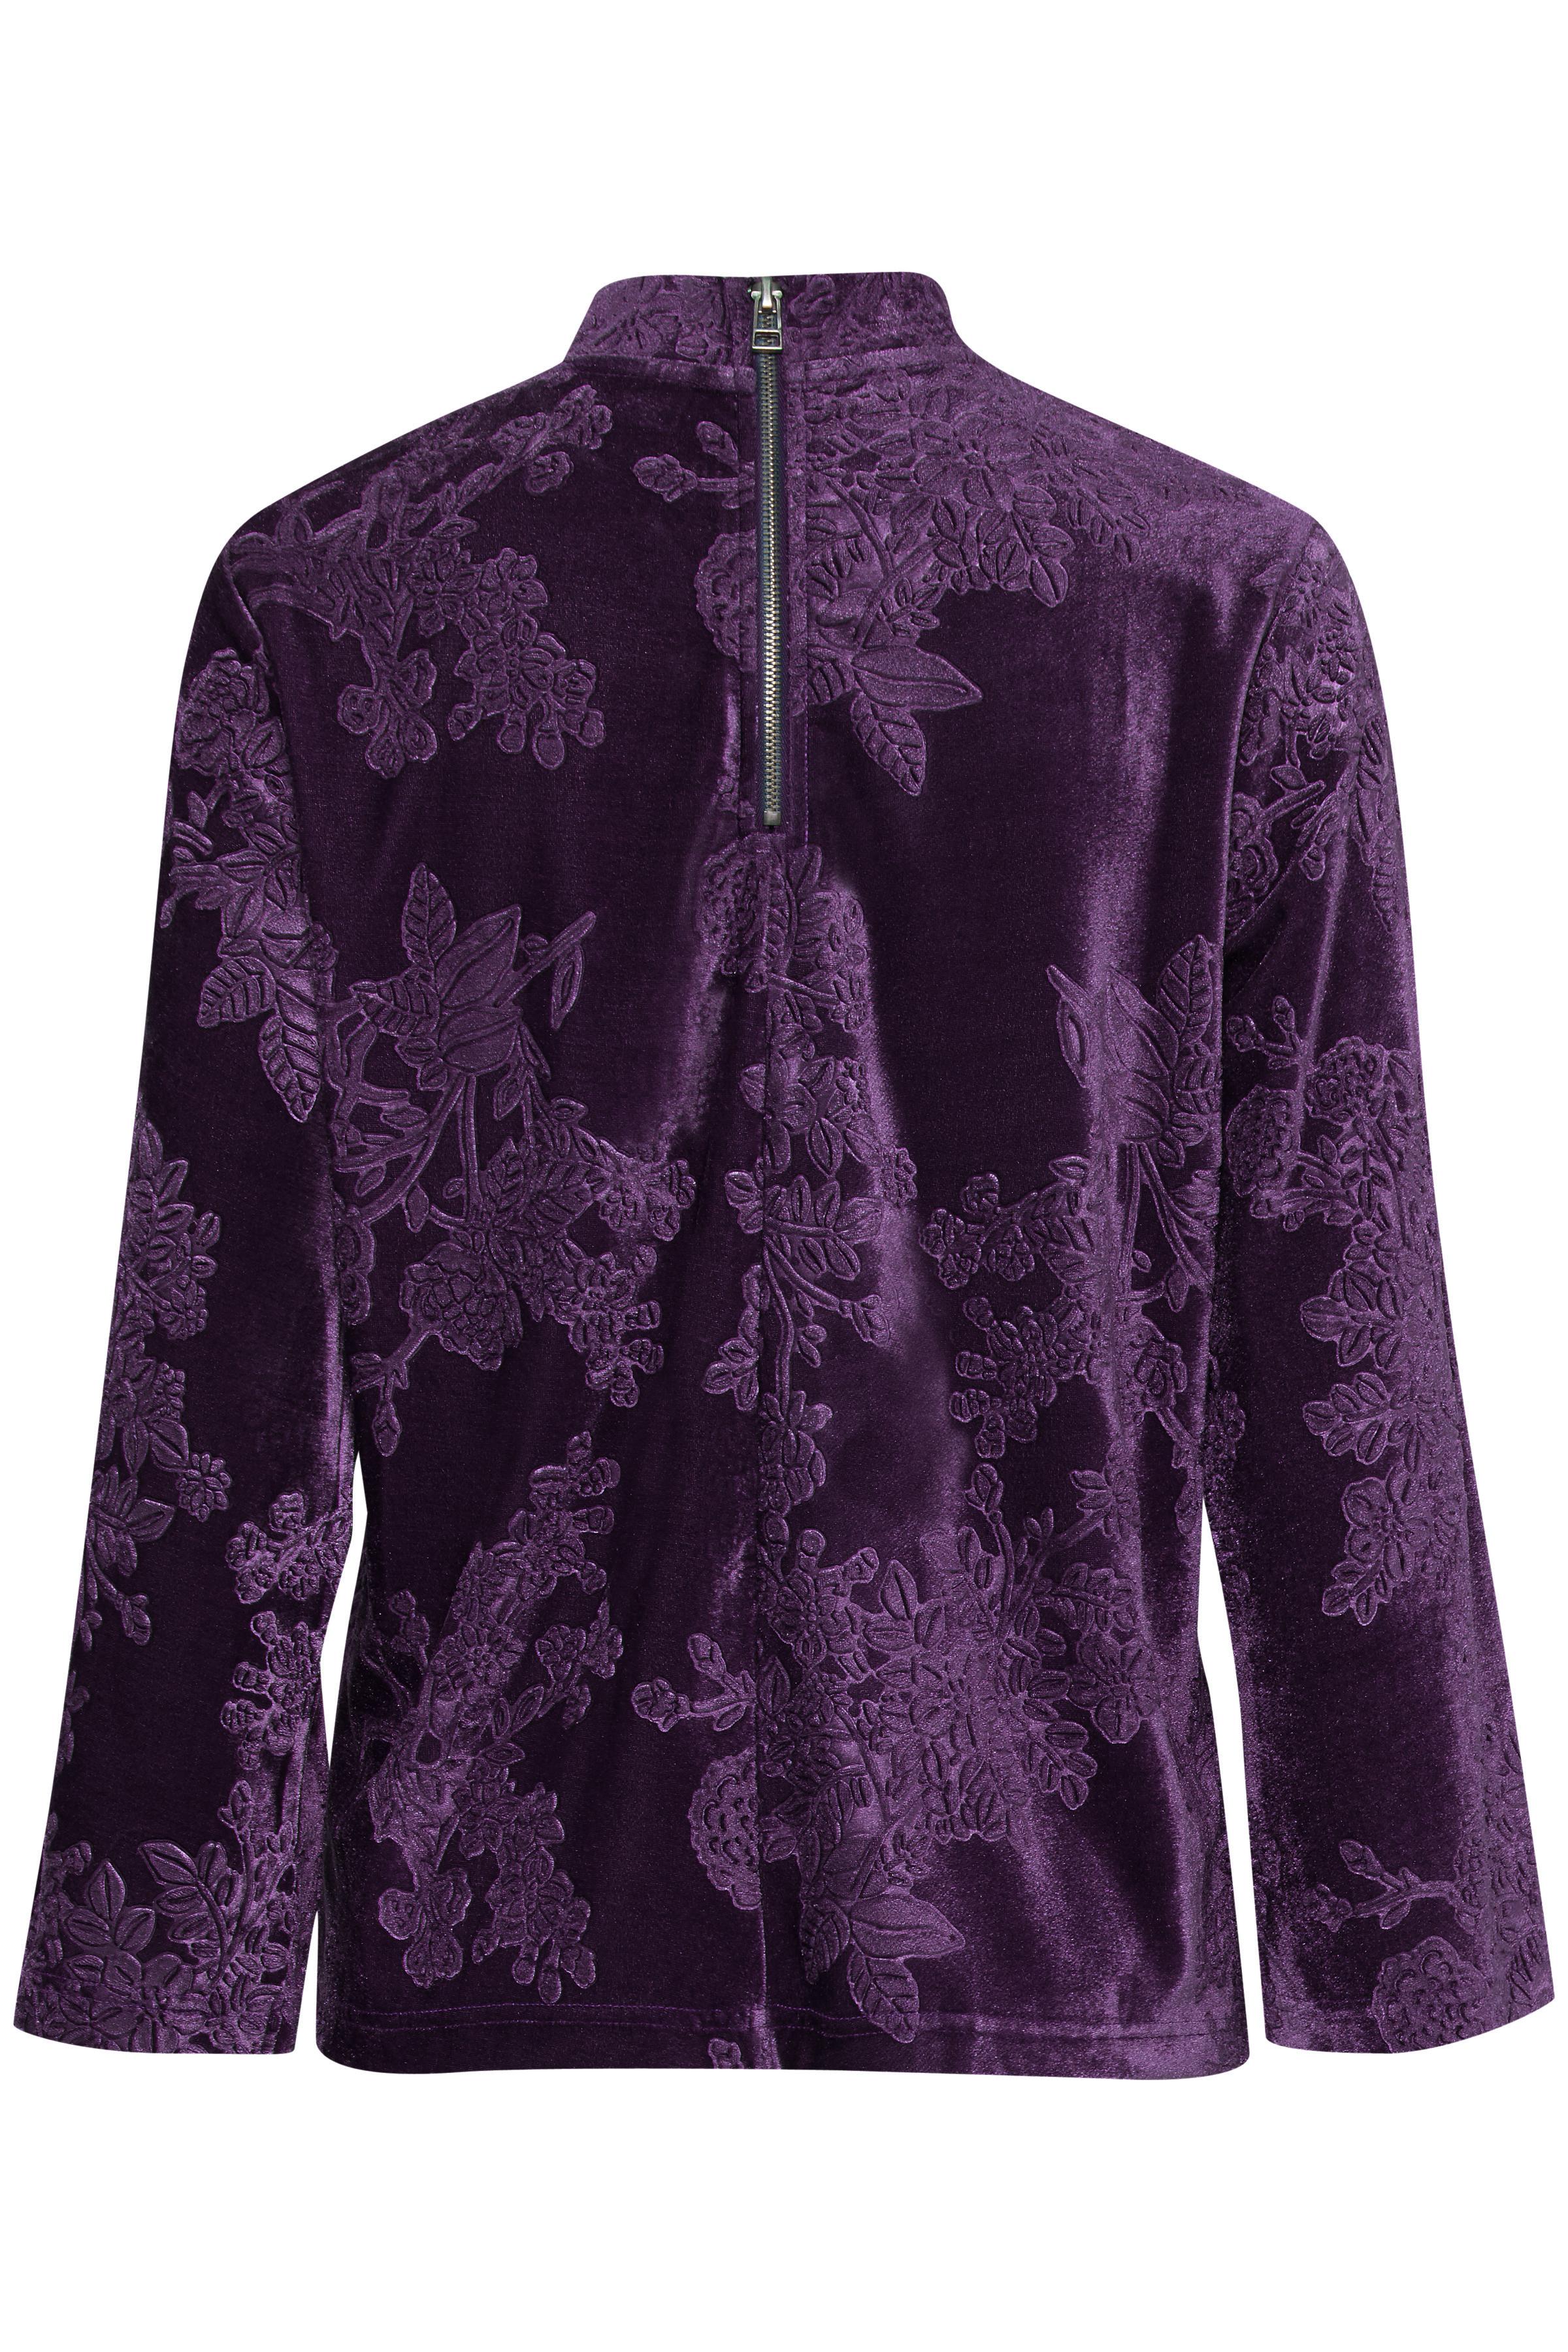 Blackberry Purple Langarm-Bluse von b.young – Kaufen Sie Blackberry Purple Langarm-Bluse aus Größe XS-XXL hier